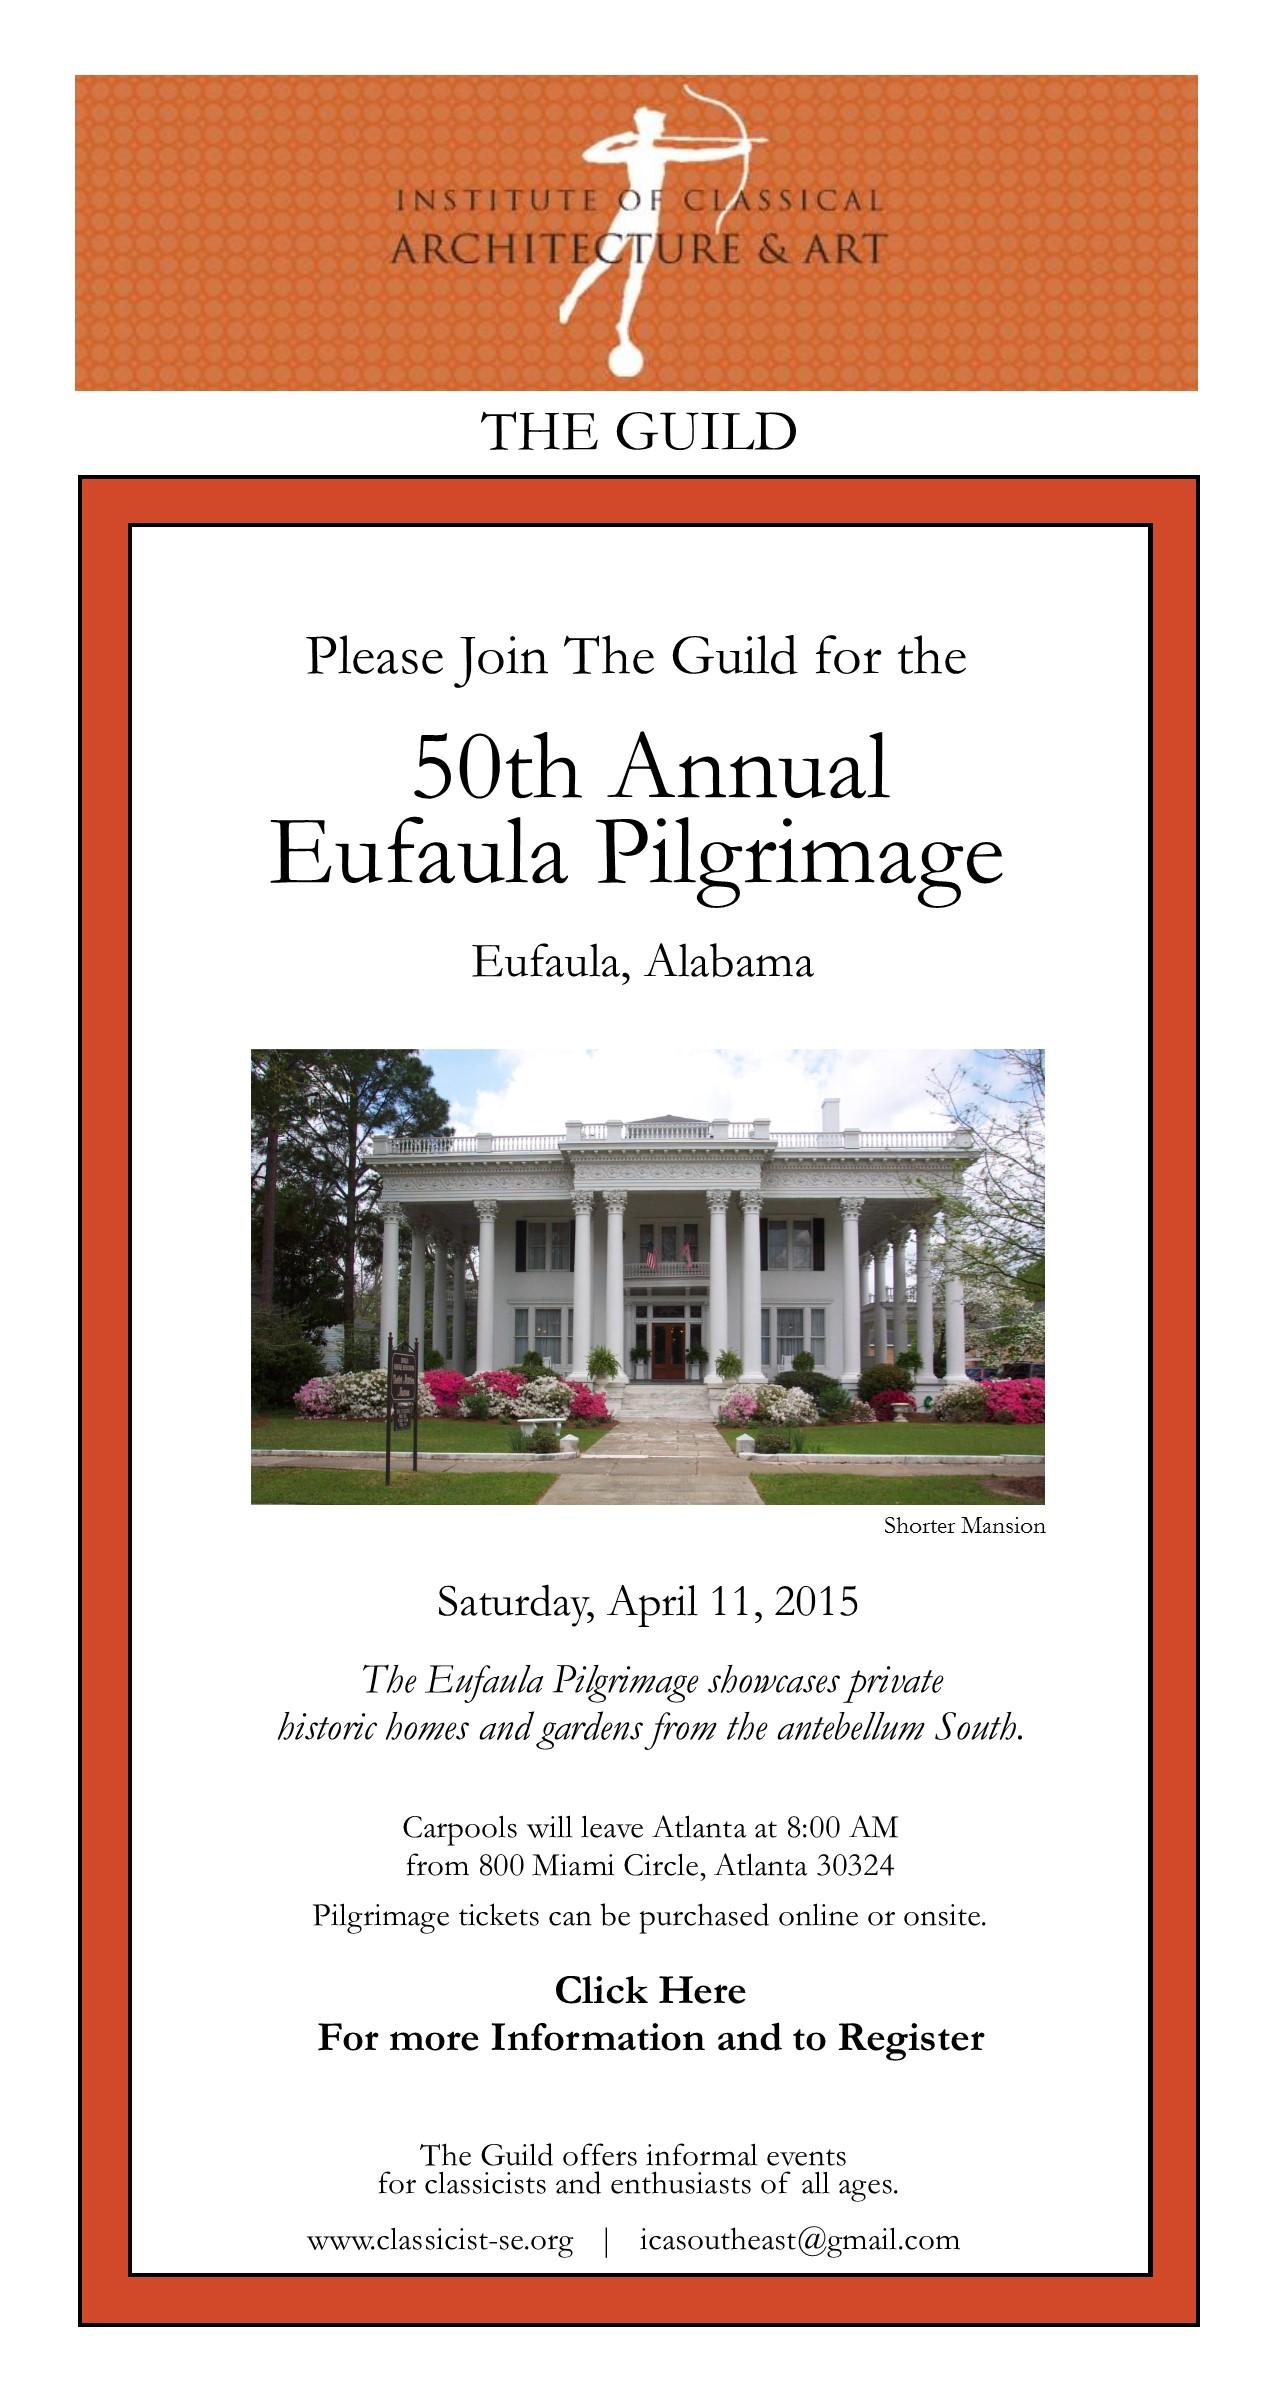 The Guild - Eufaula